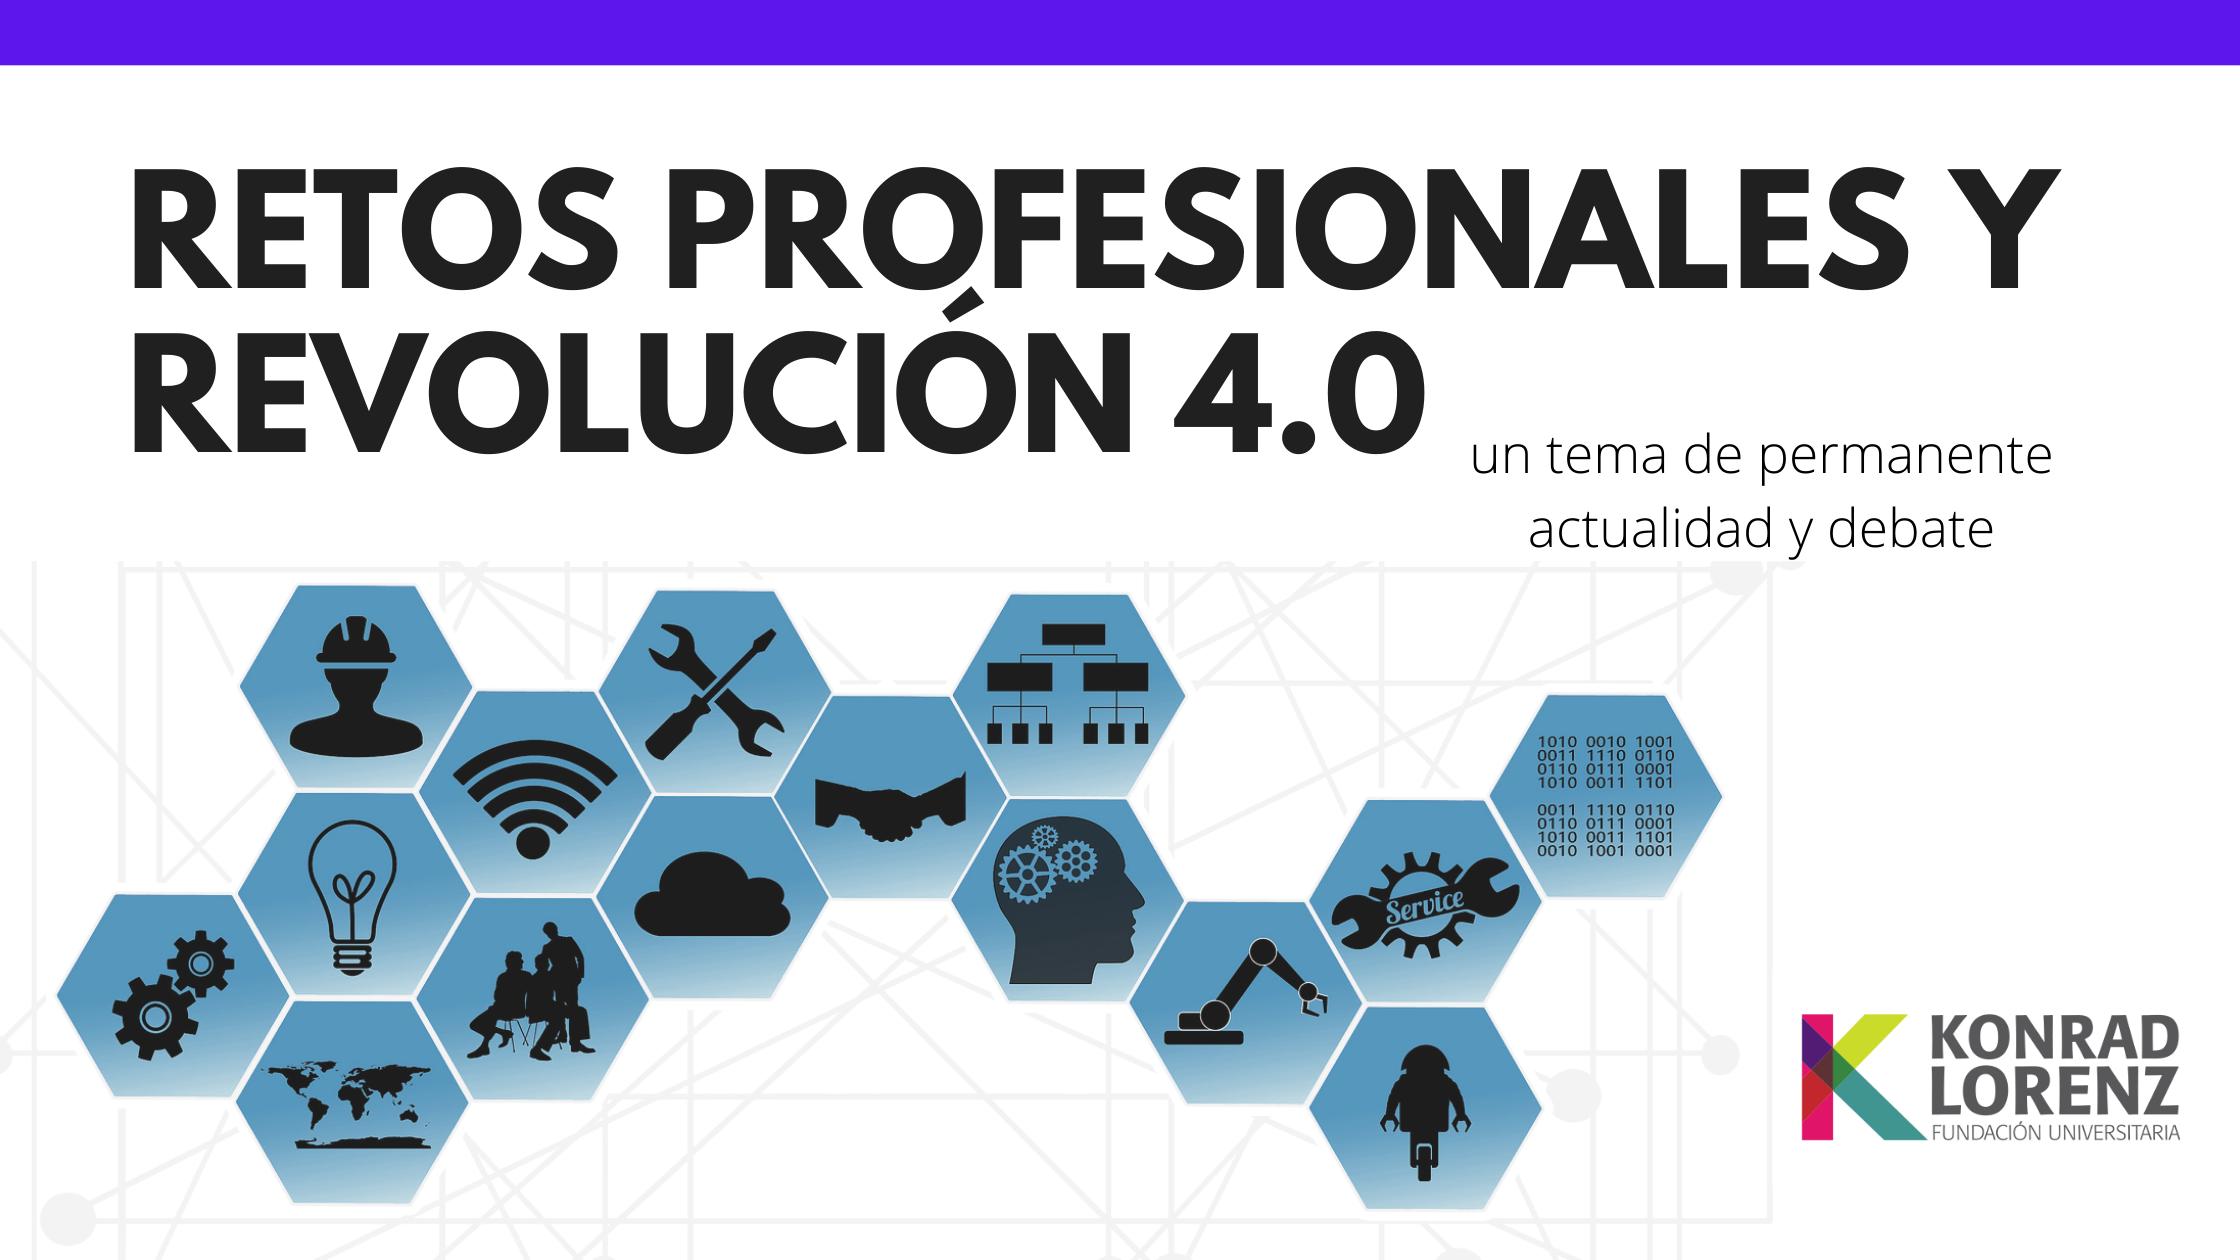 Retos profesionales y revolución 4.0